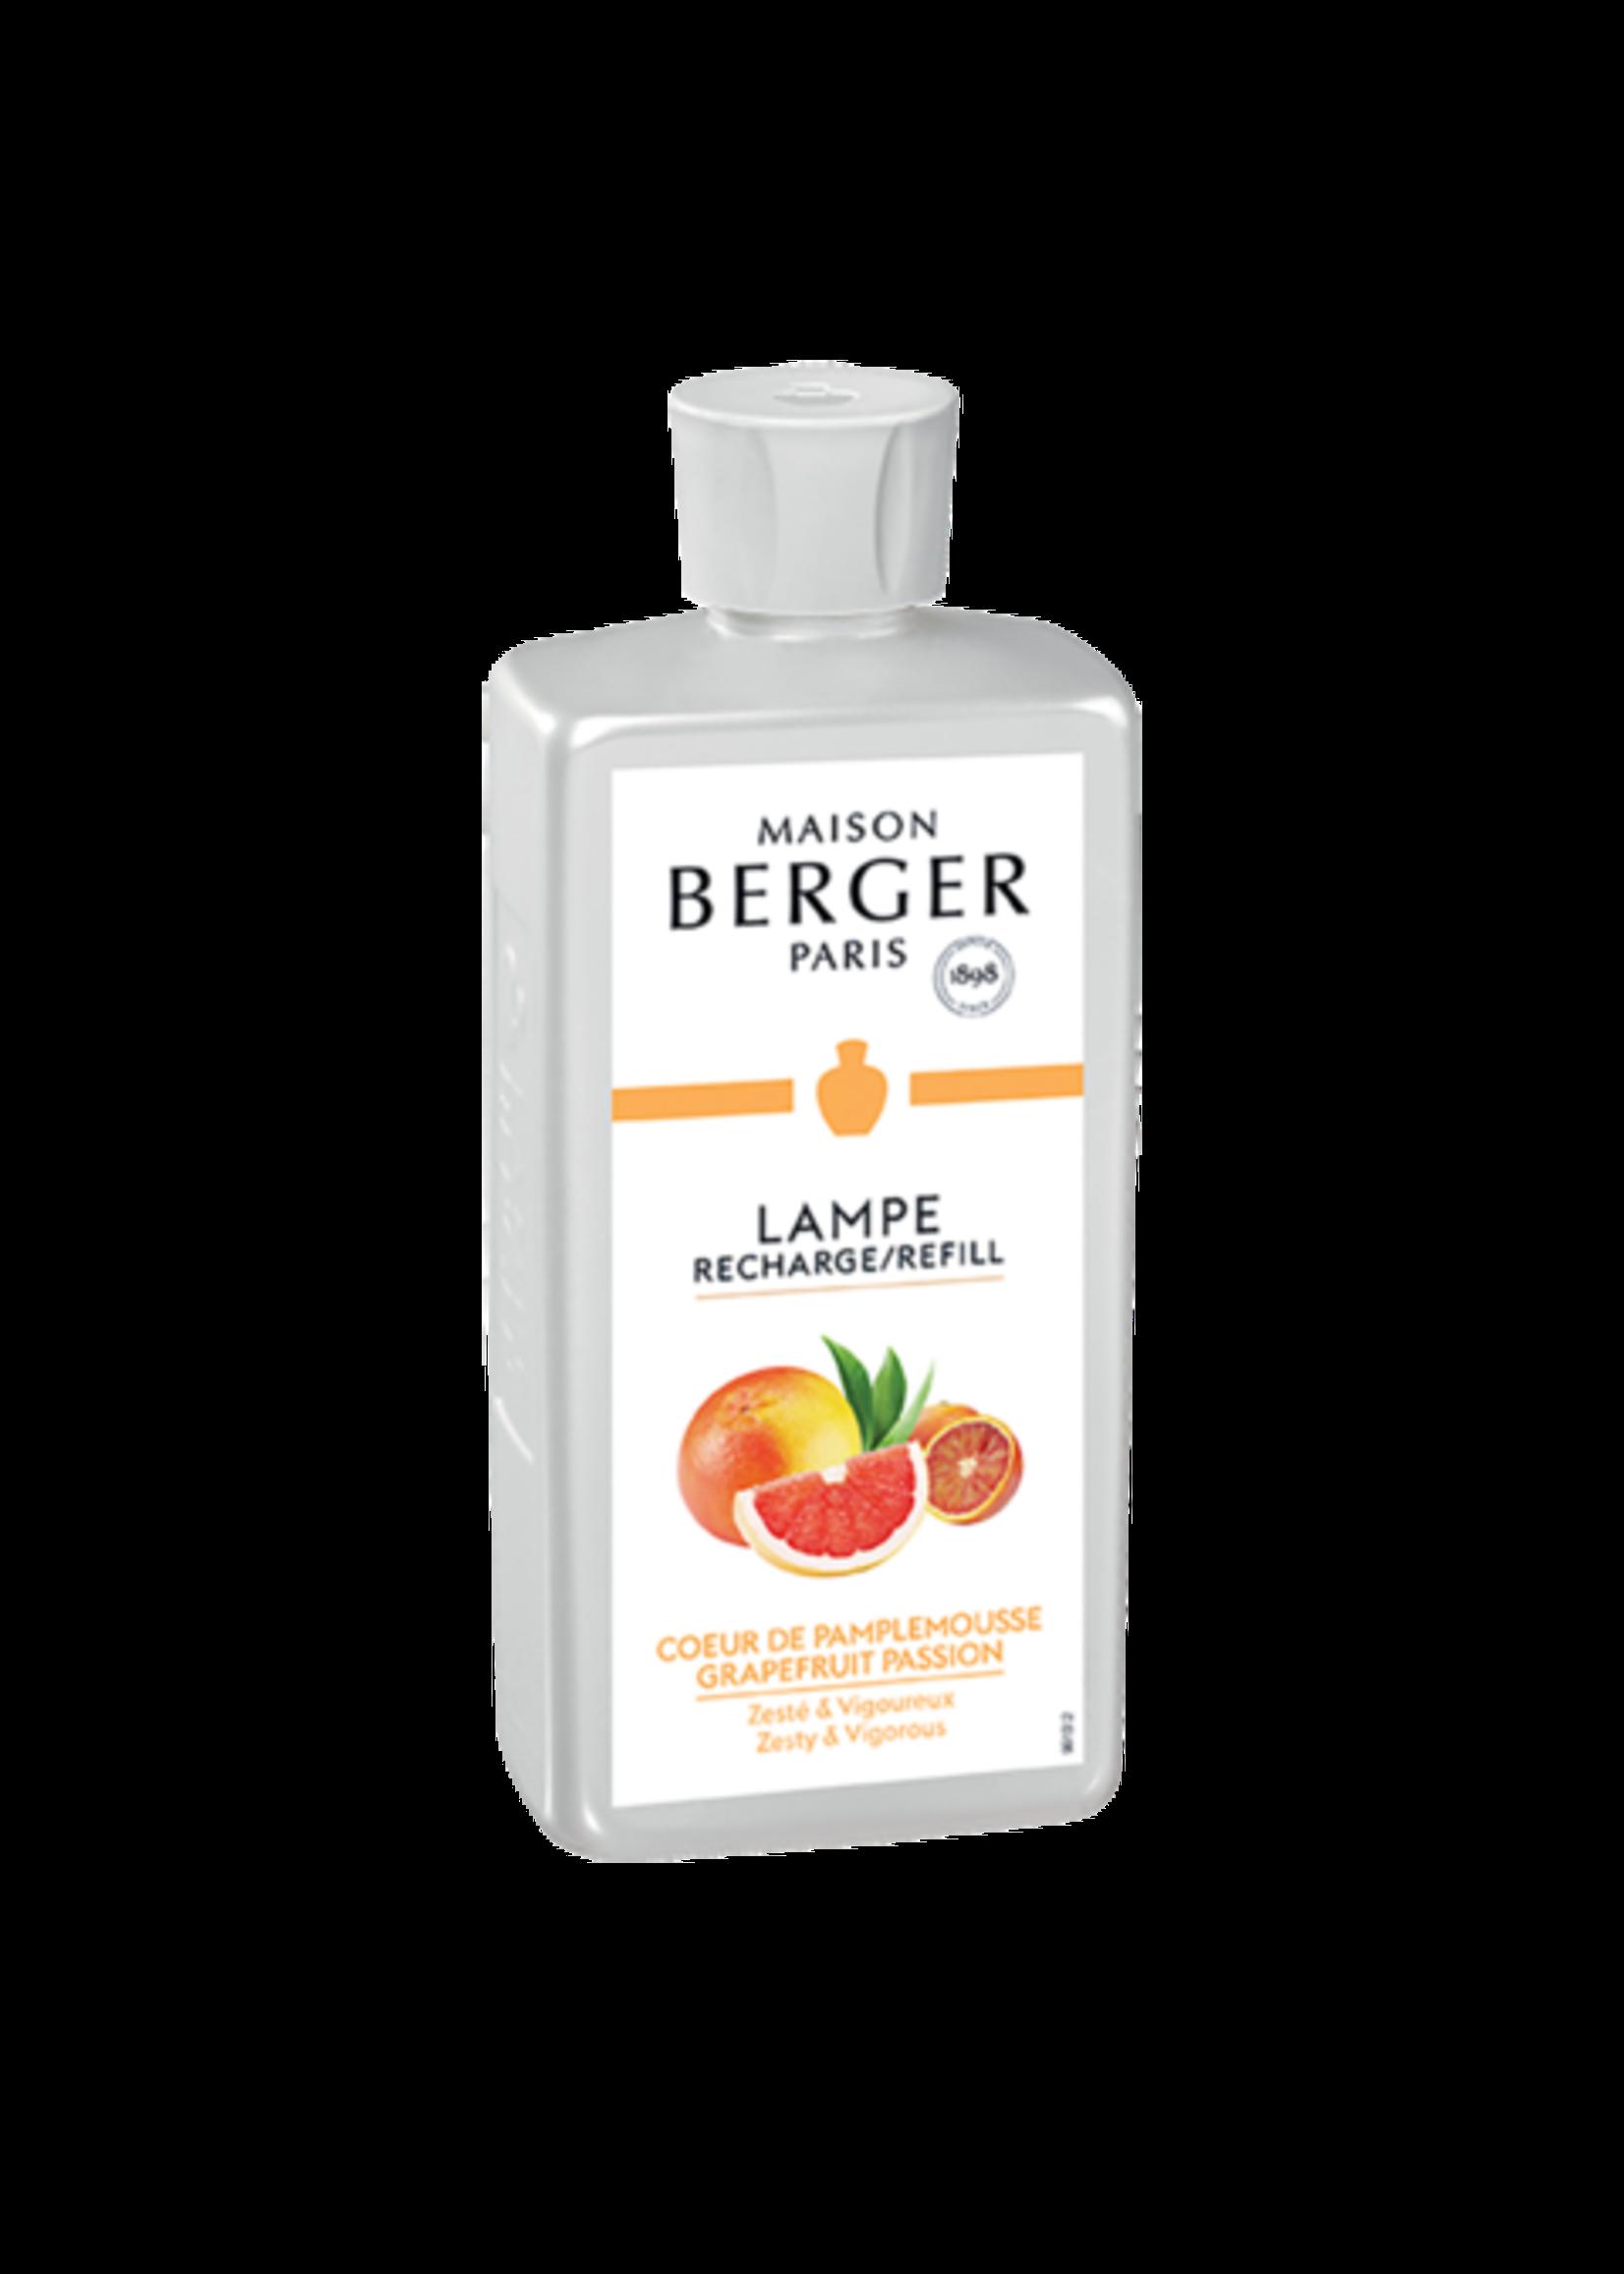 Maison Berger Grapefruit Passion